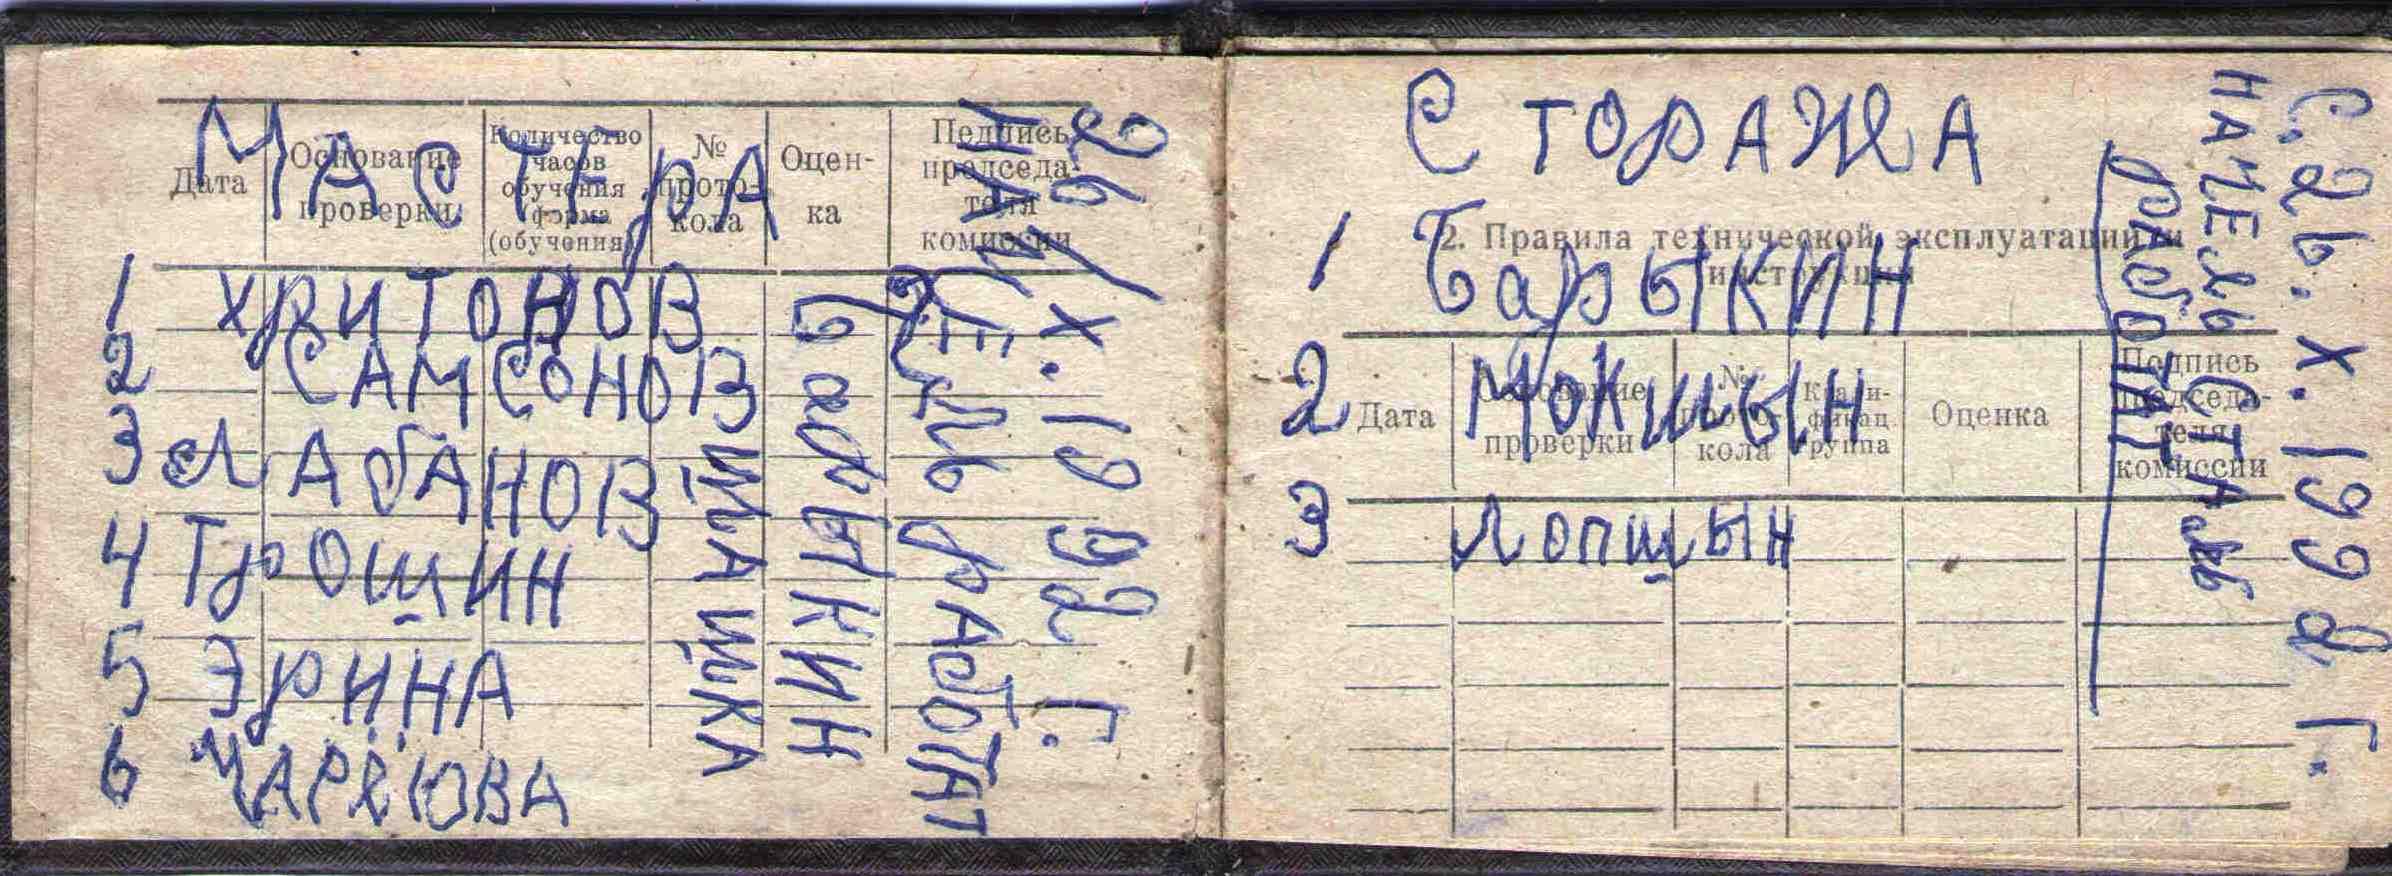 51. Удостоверение об образовании, Барыкин ПП, 1962